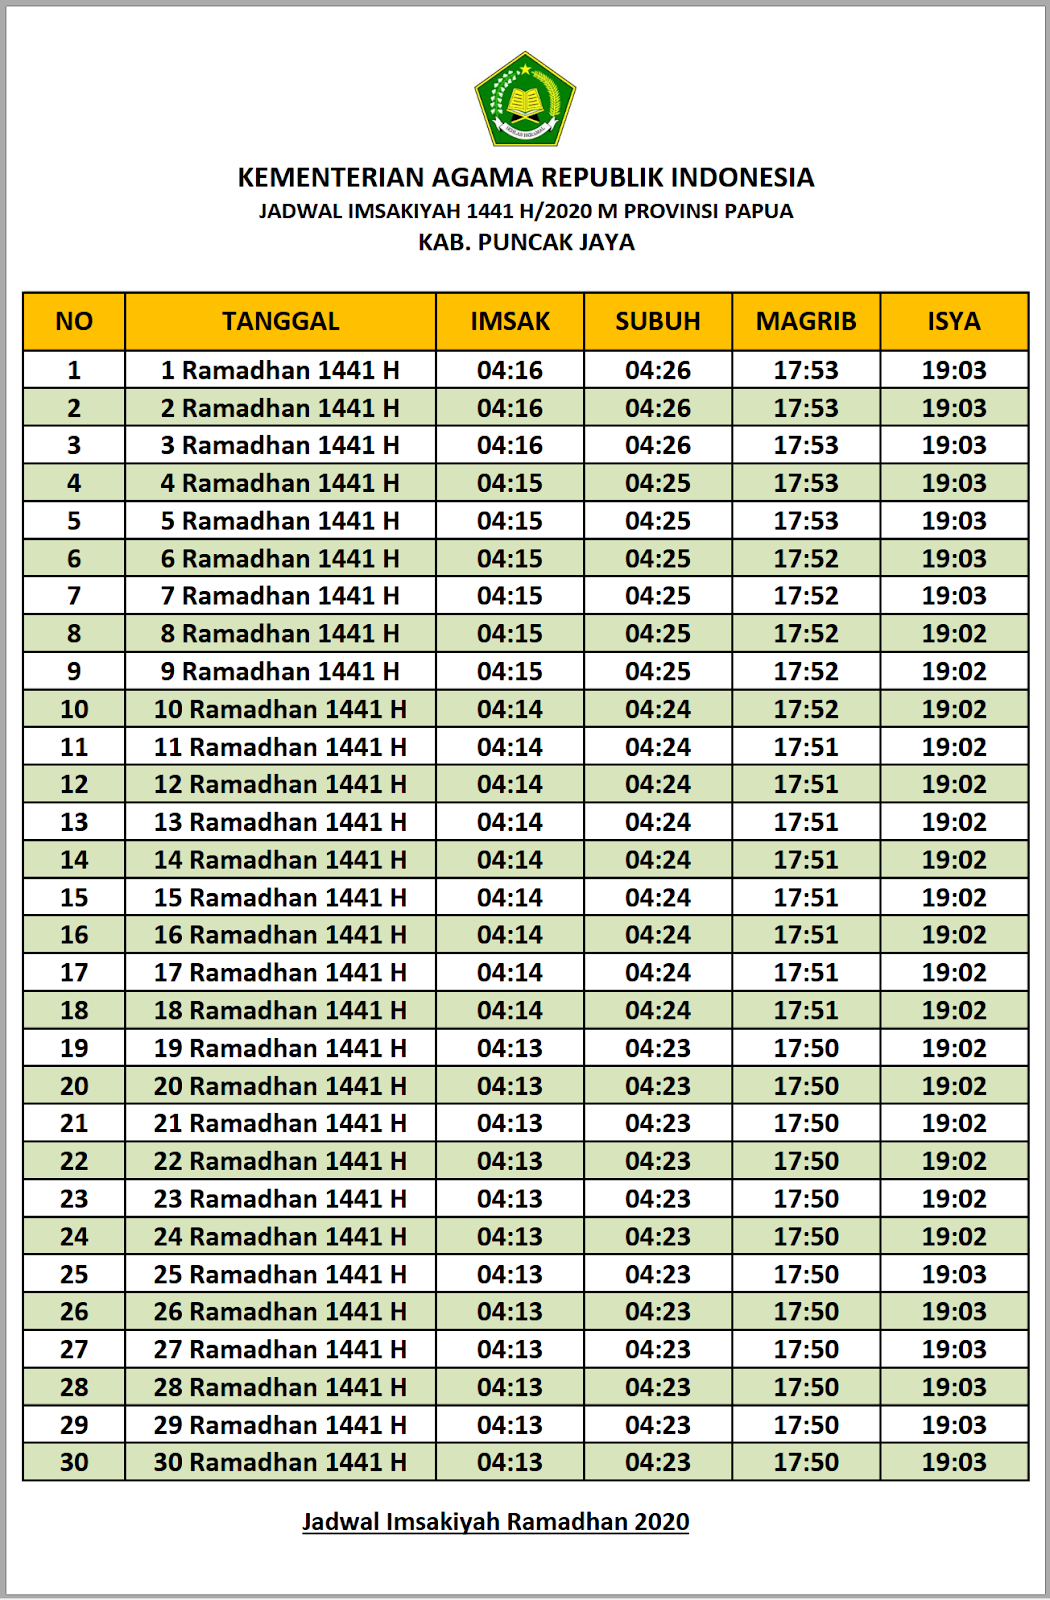 Jadwal Imsak Puncak Jaya 2020